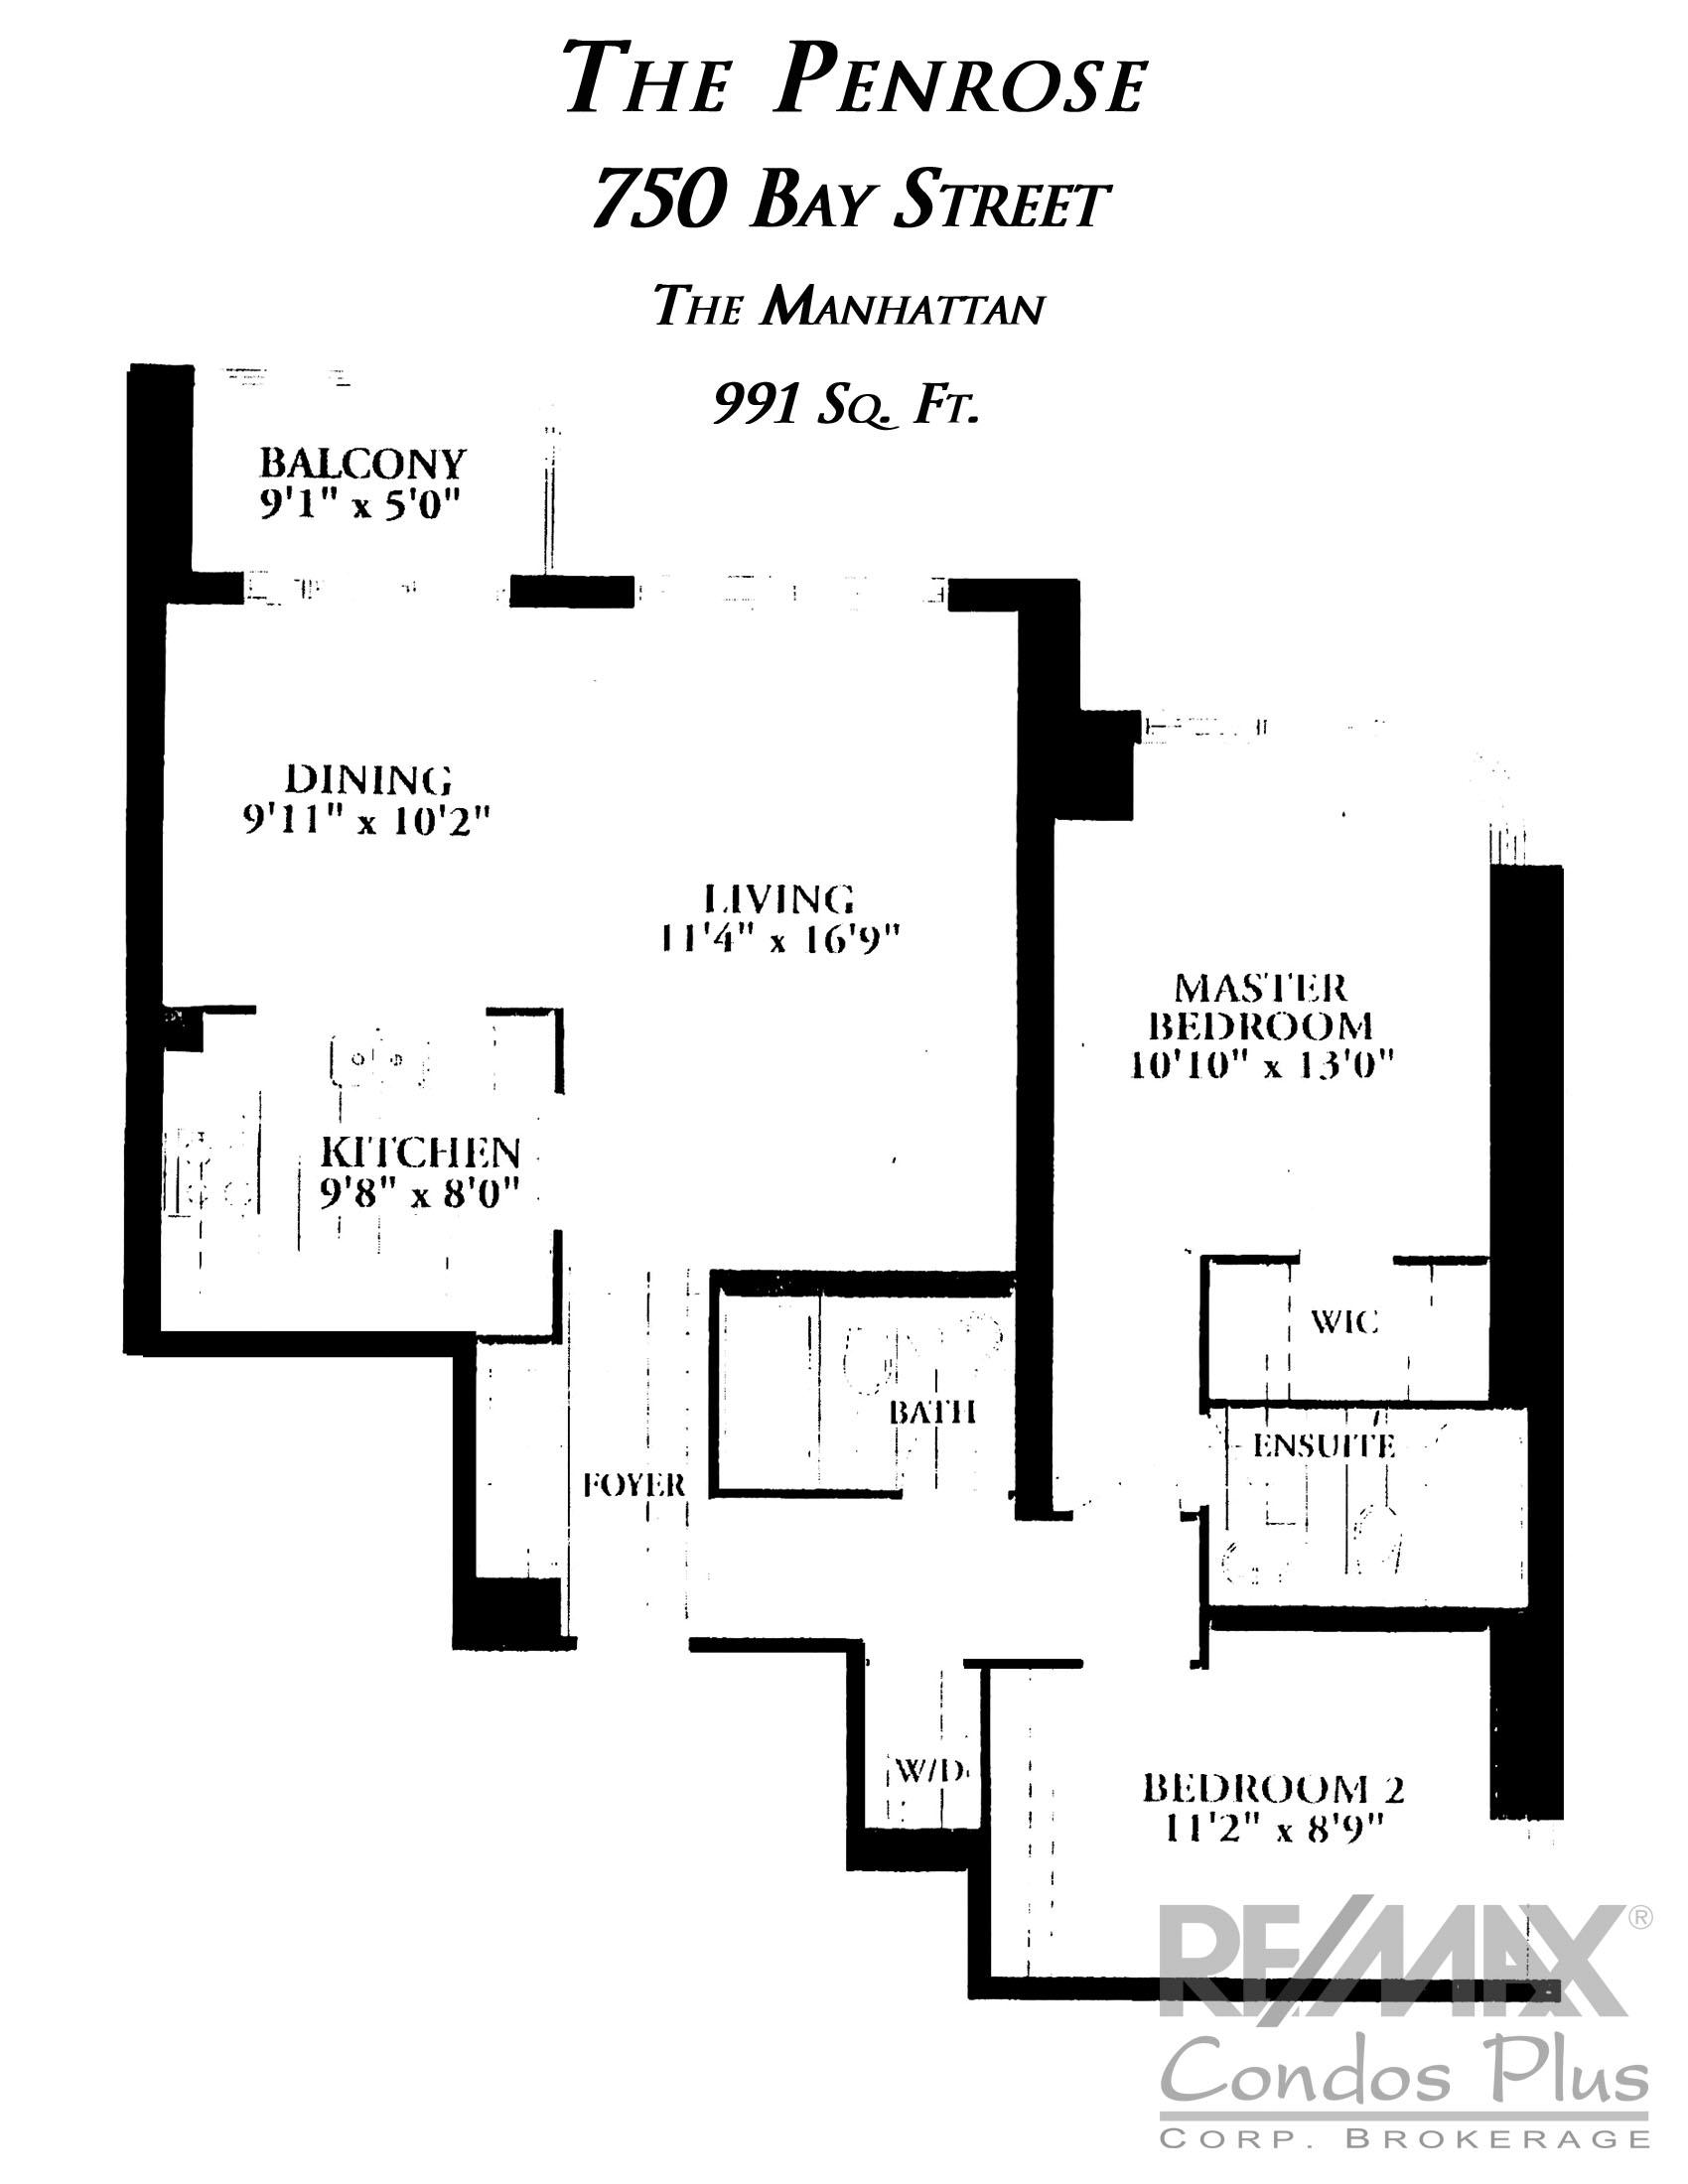 The Menhattan: 2 Bedroom, 991 SqFt